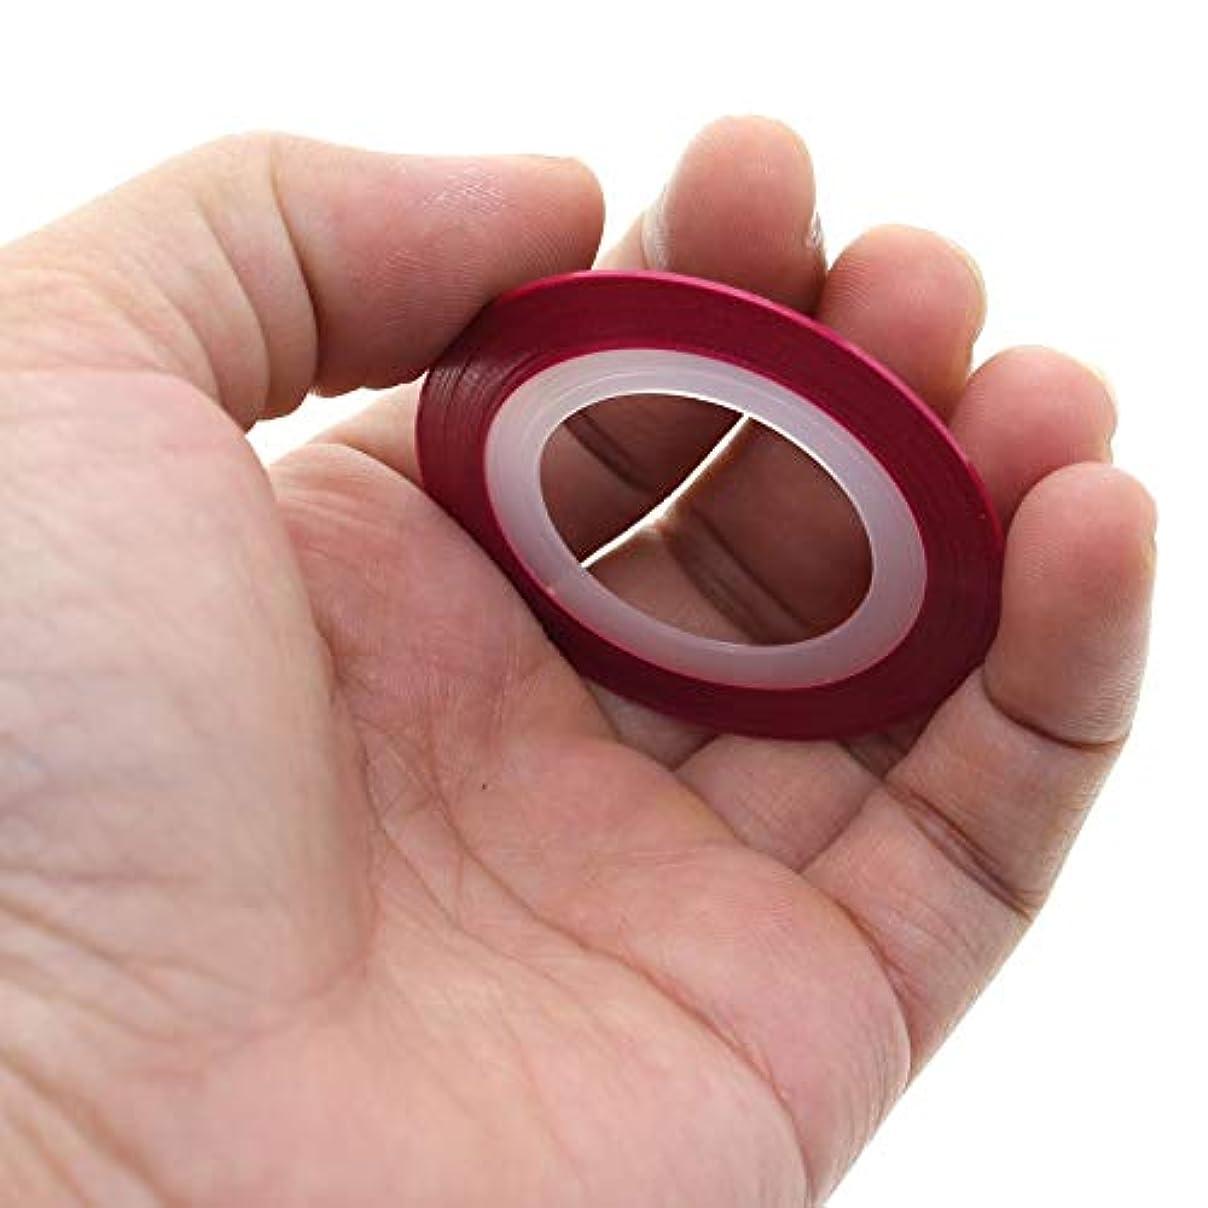 適応きれいに凝縮するネイルアート ストリップ テープ ラインファッションのヒント ステッカー マニキュア デカール プロフェッショ ナルユースレッド 強化効果のハイライト レッド